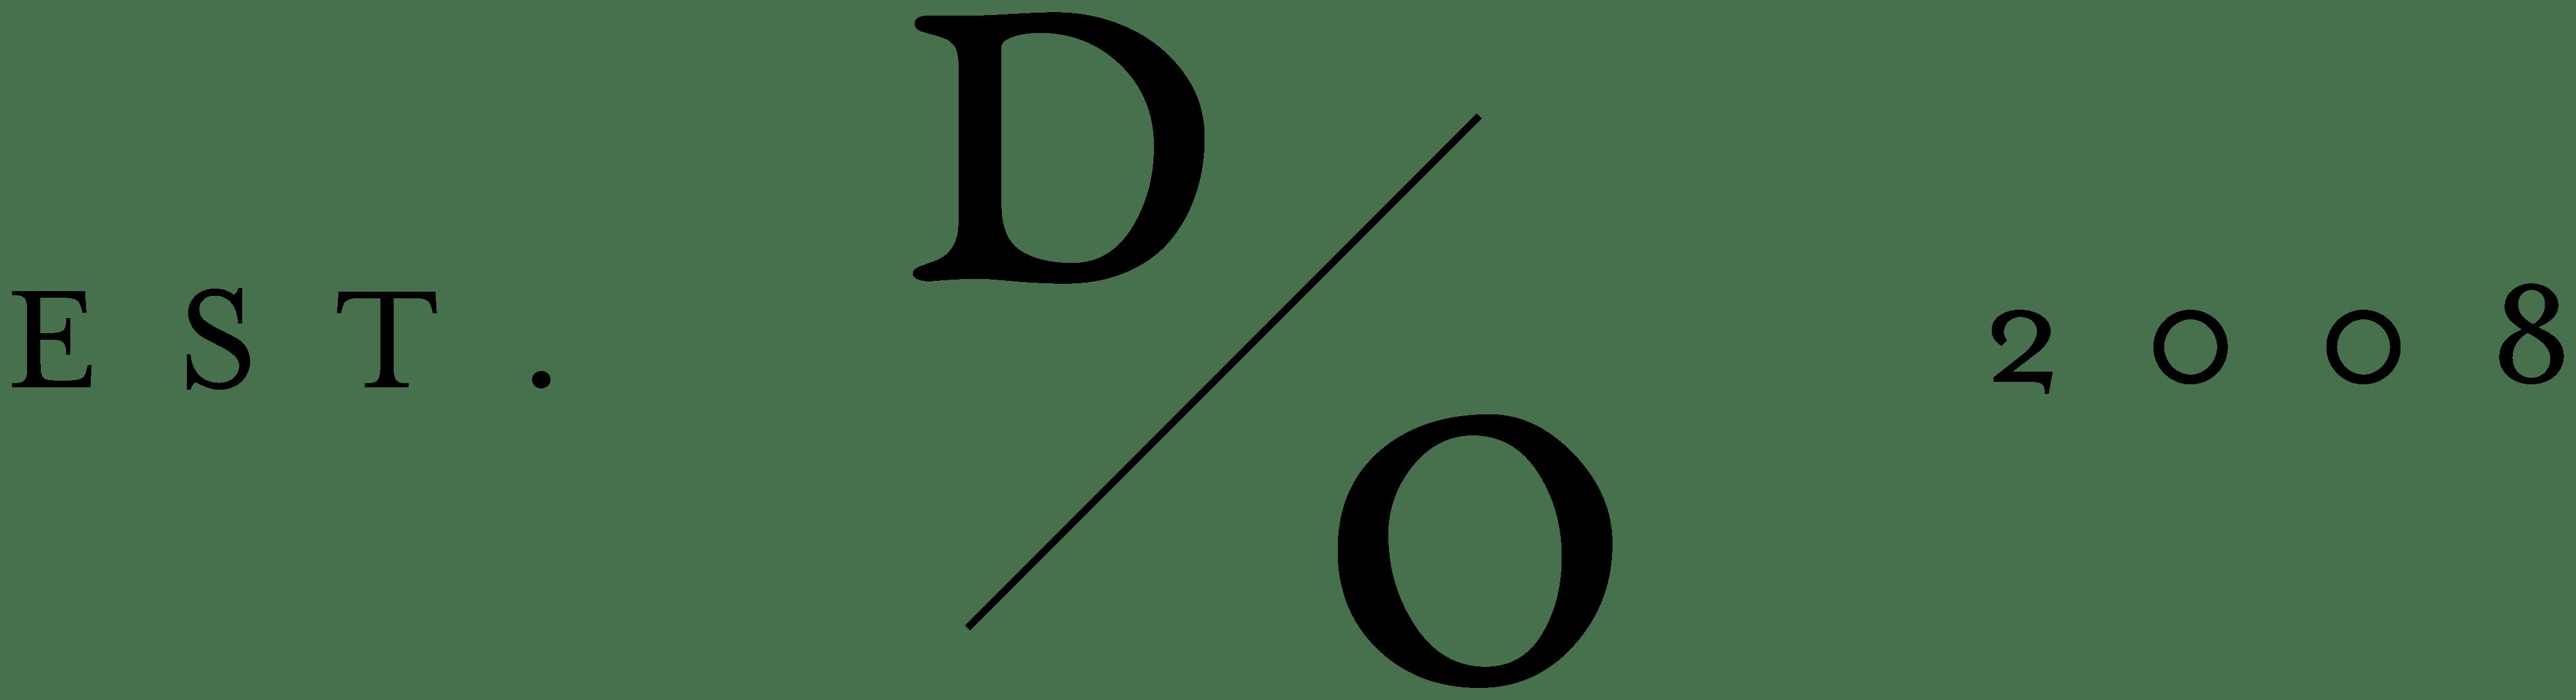 Dana Osborne Design